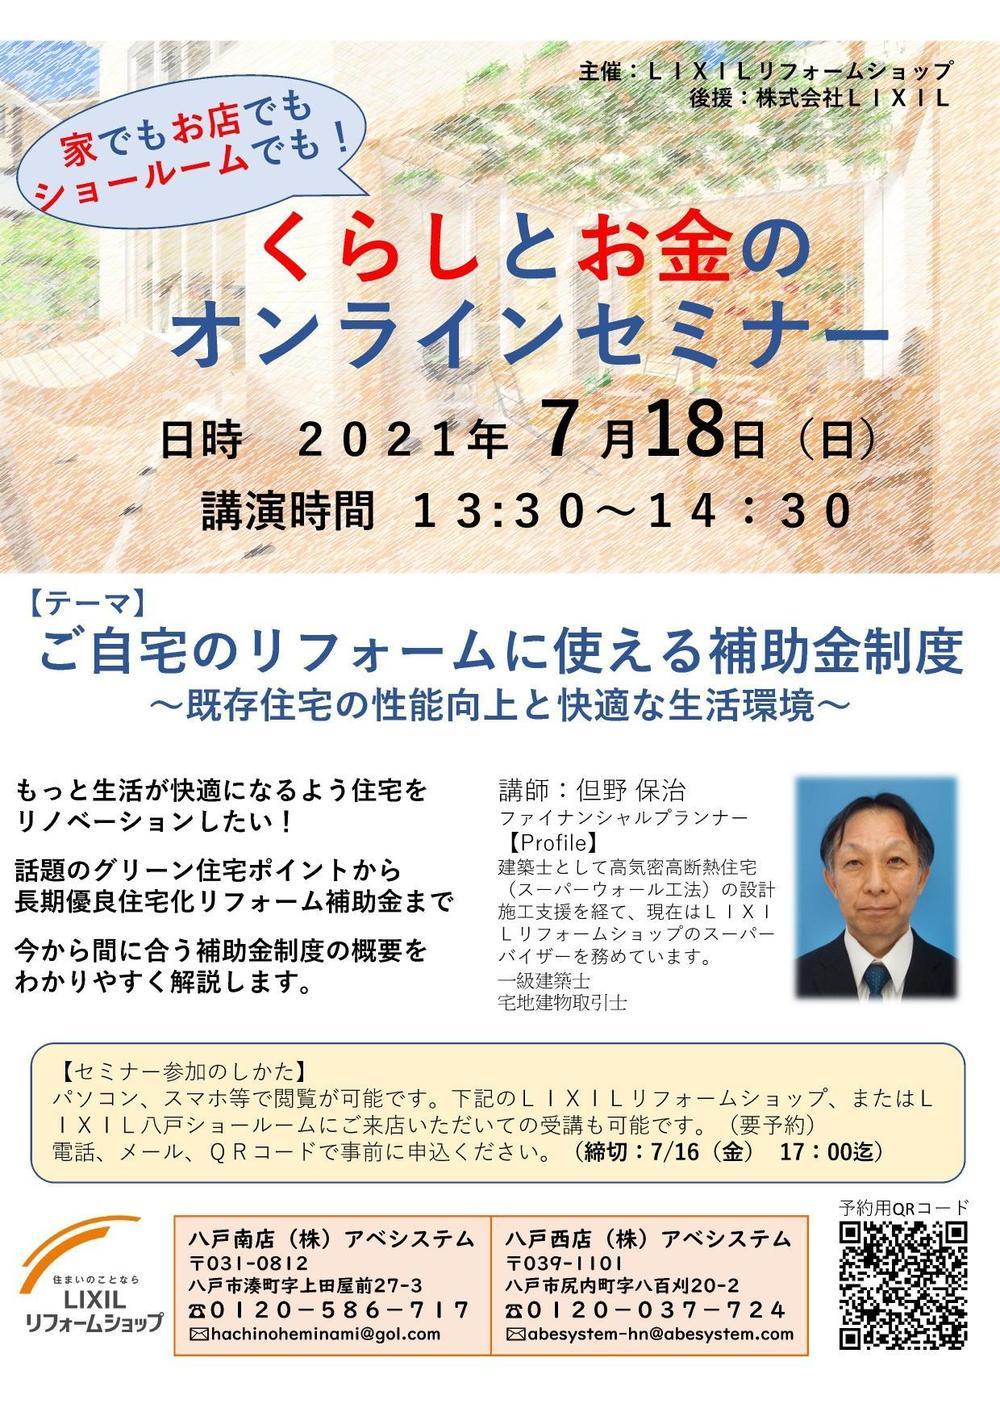 【完成版】八戸_くらしとお金の無料セミナー_page-0001.jpg